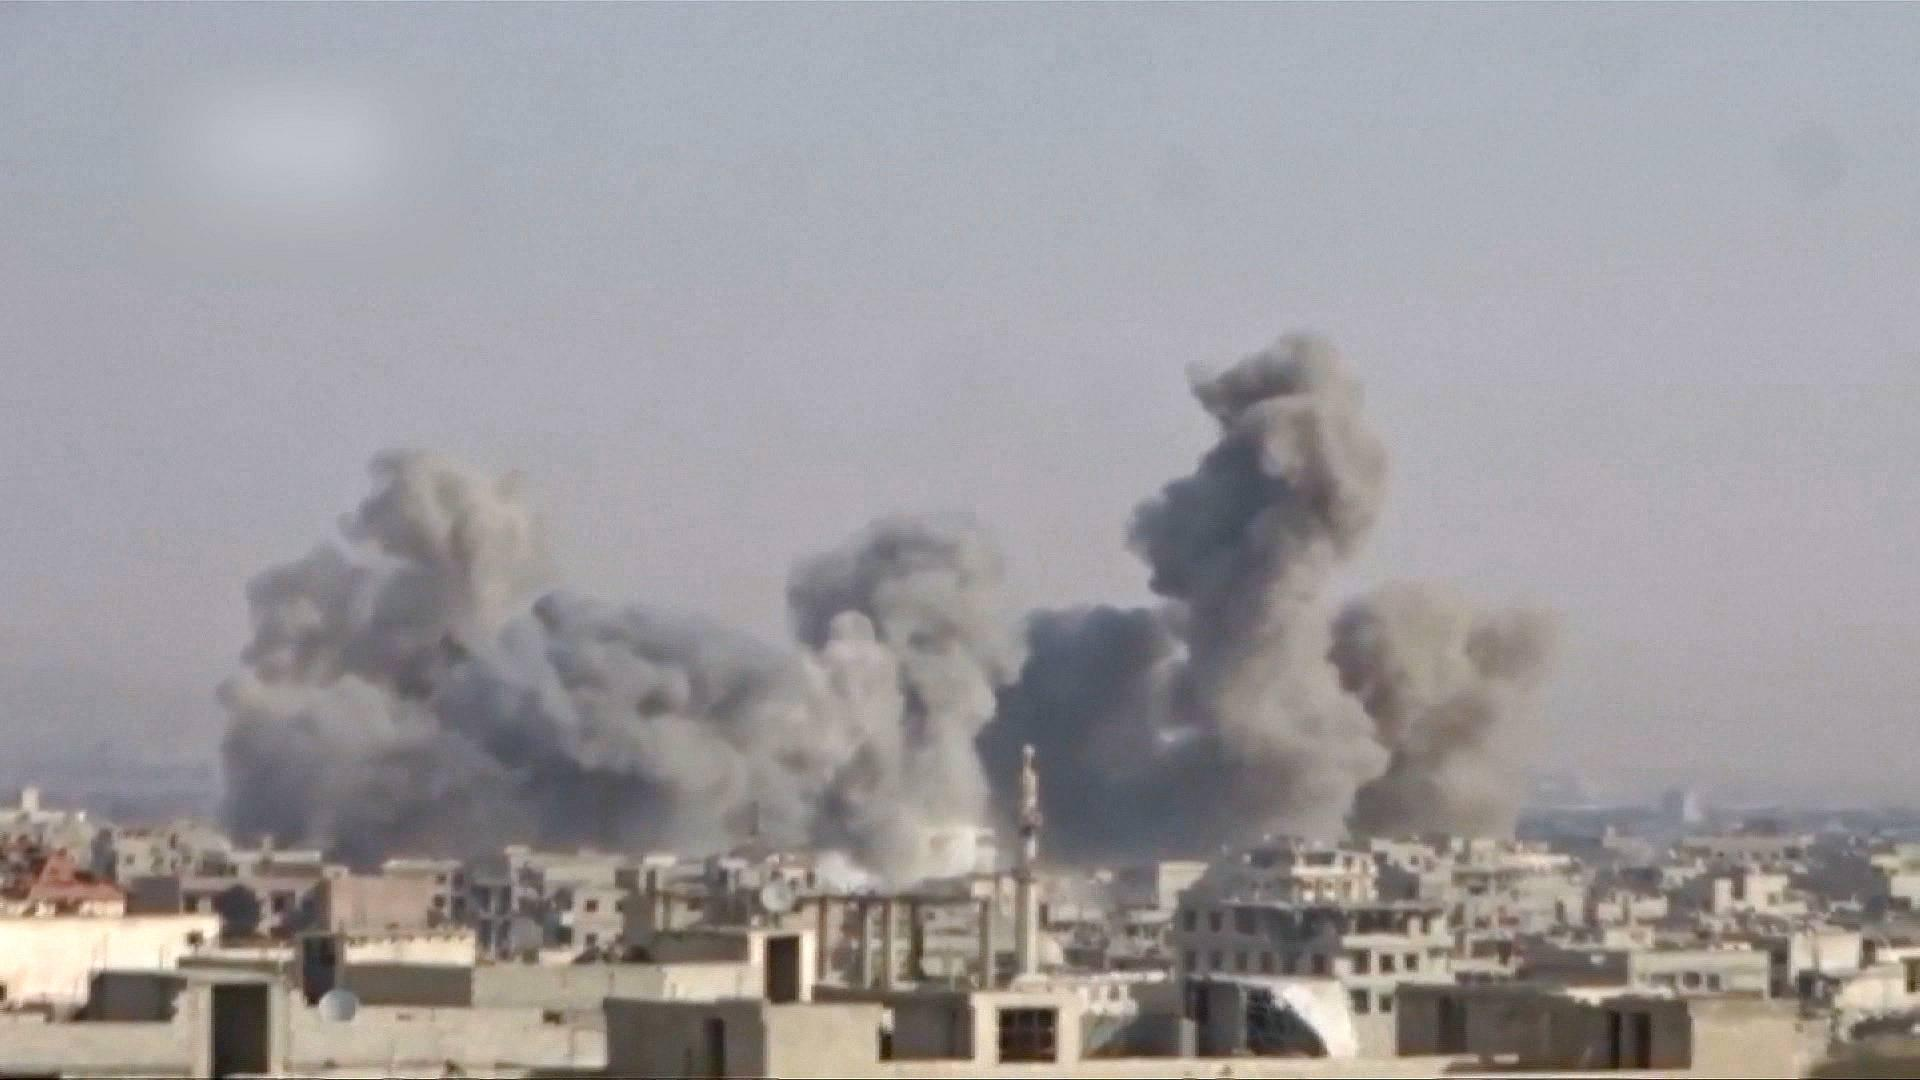 Rezim Syiah Assad Terus Bunuhi Warga Sipil di Ghouta Timur,58 Tewas